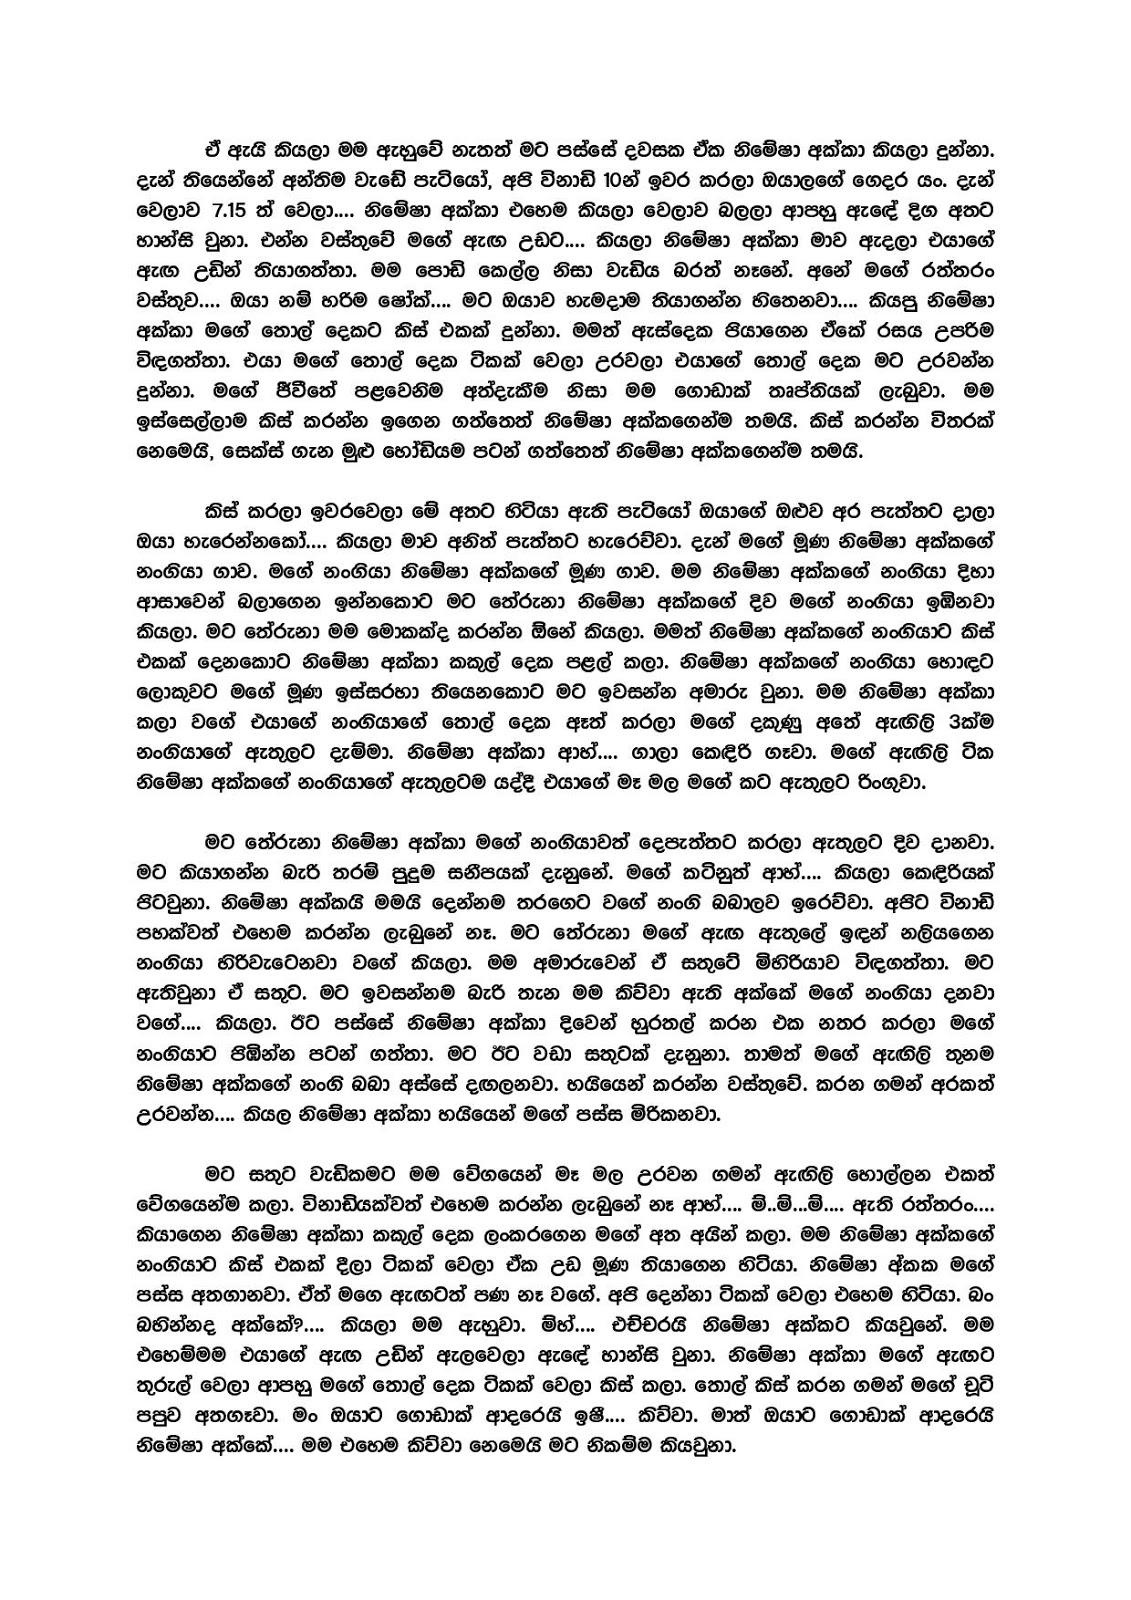 Amma puthai heluwen sinhala movie - 3 part 3